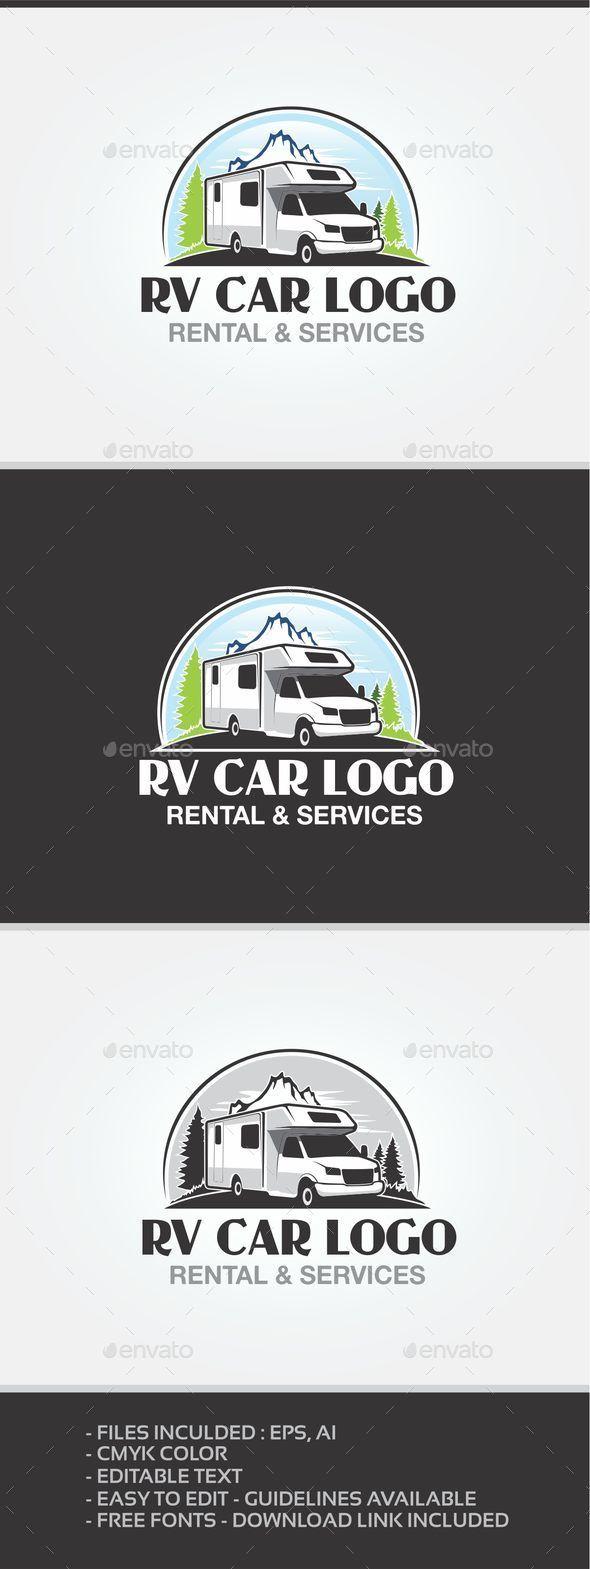 930 best Retro Vintage Logo Template images on Pinterest | Vintage ...